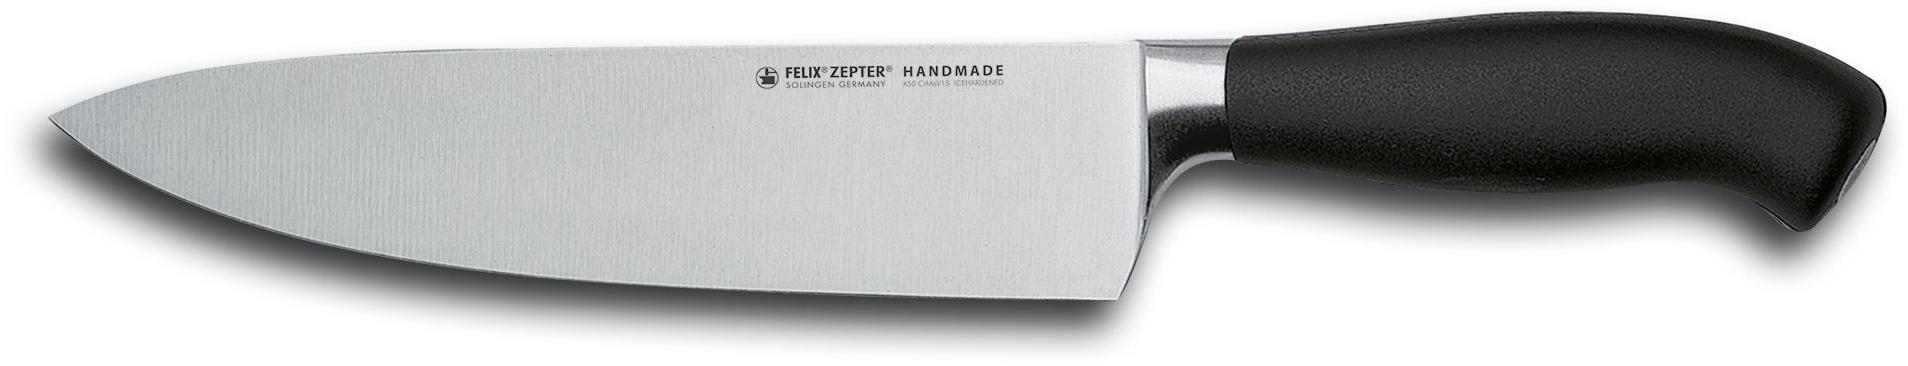 Felix Solingen Spickmesser PLATINUM (1 Stück) schwarz Küchenmesser Besteck Messer Haushaltswaren Kochmesser